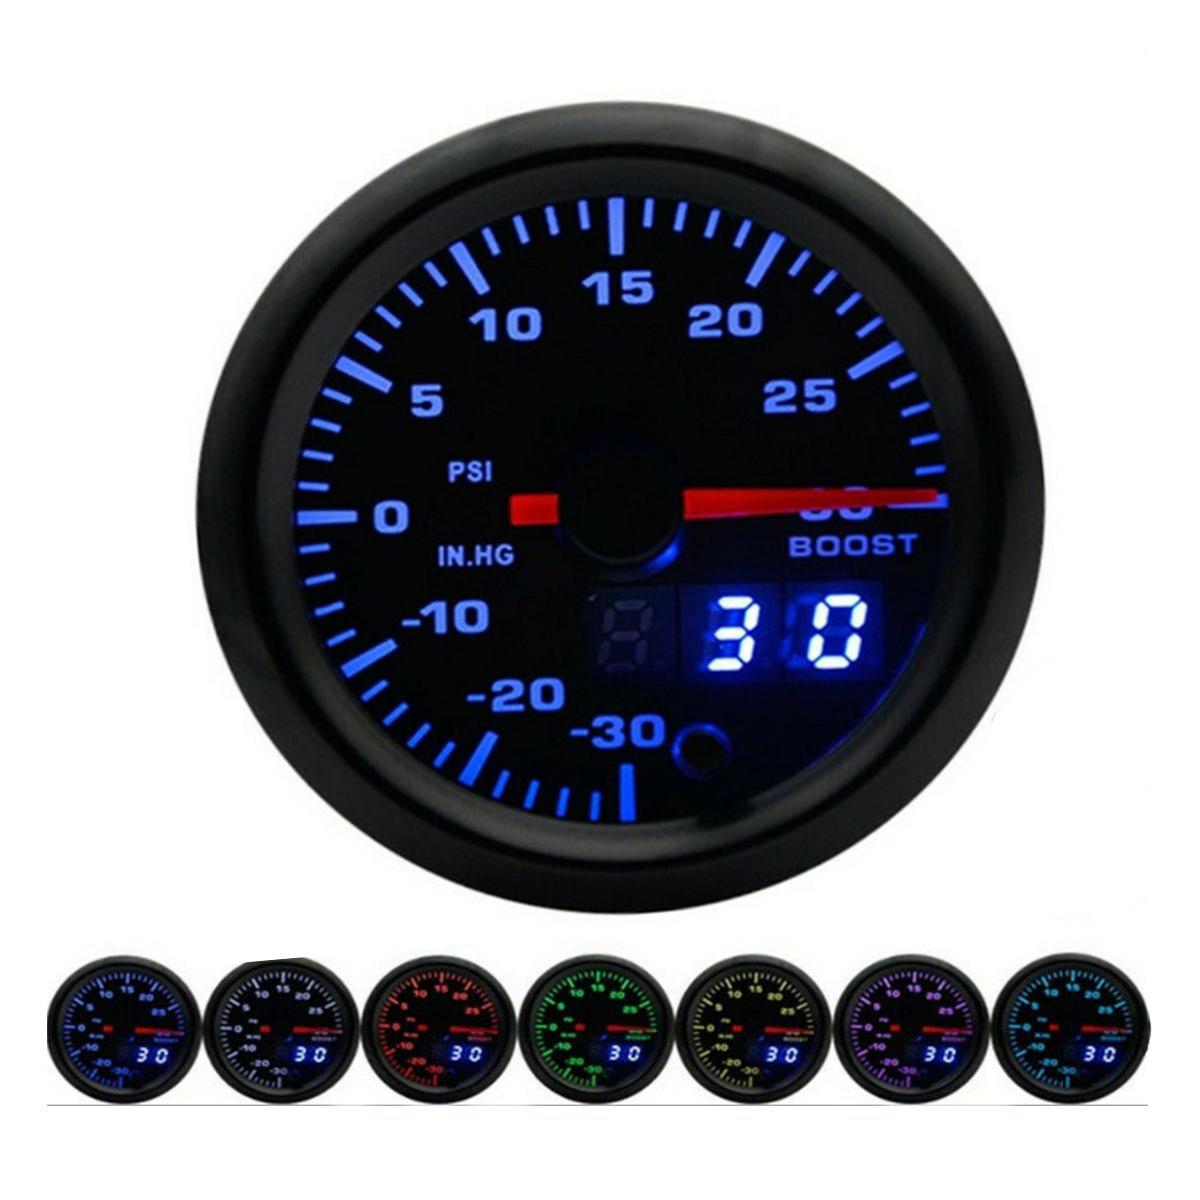 В 2 дюймов 52 мм Указатель напряжения 7 Цвет LED Дисплей Авто Вольт Универсальный